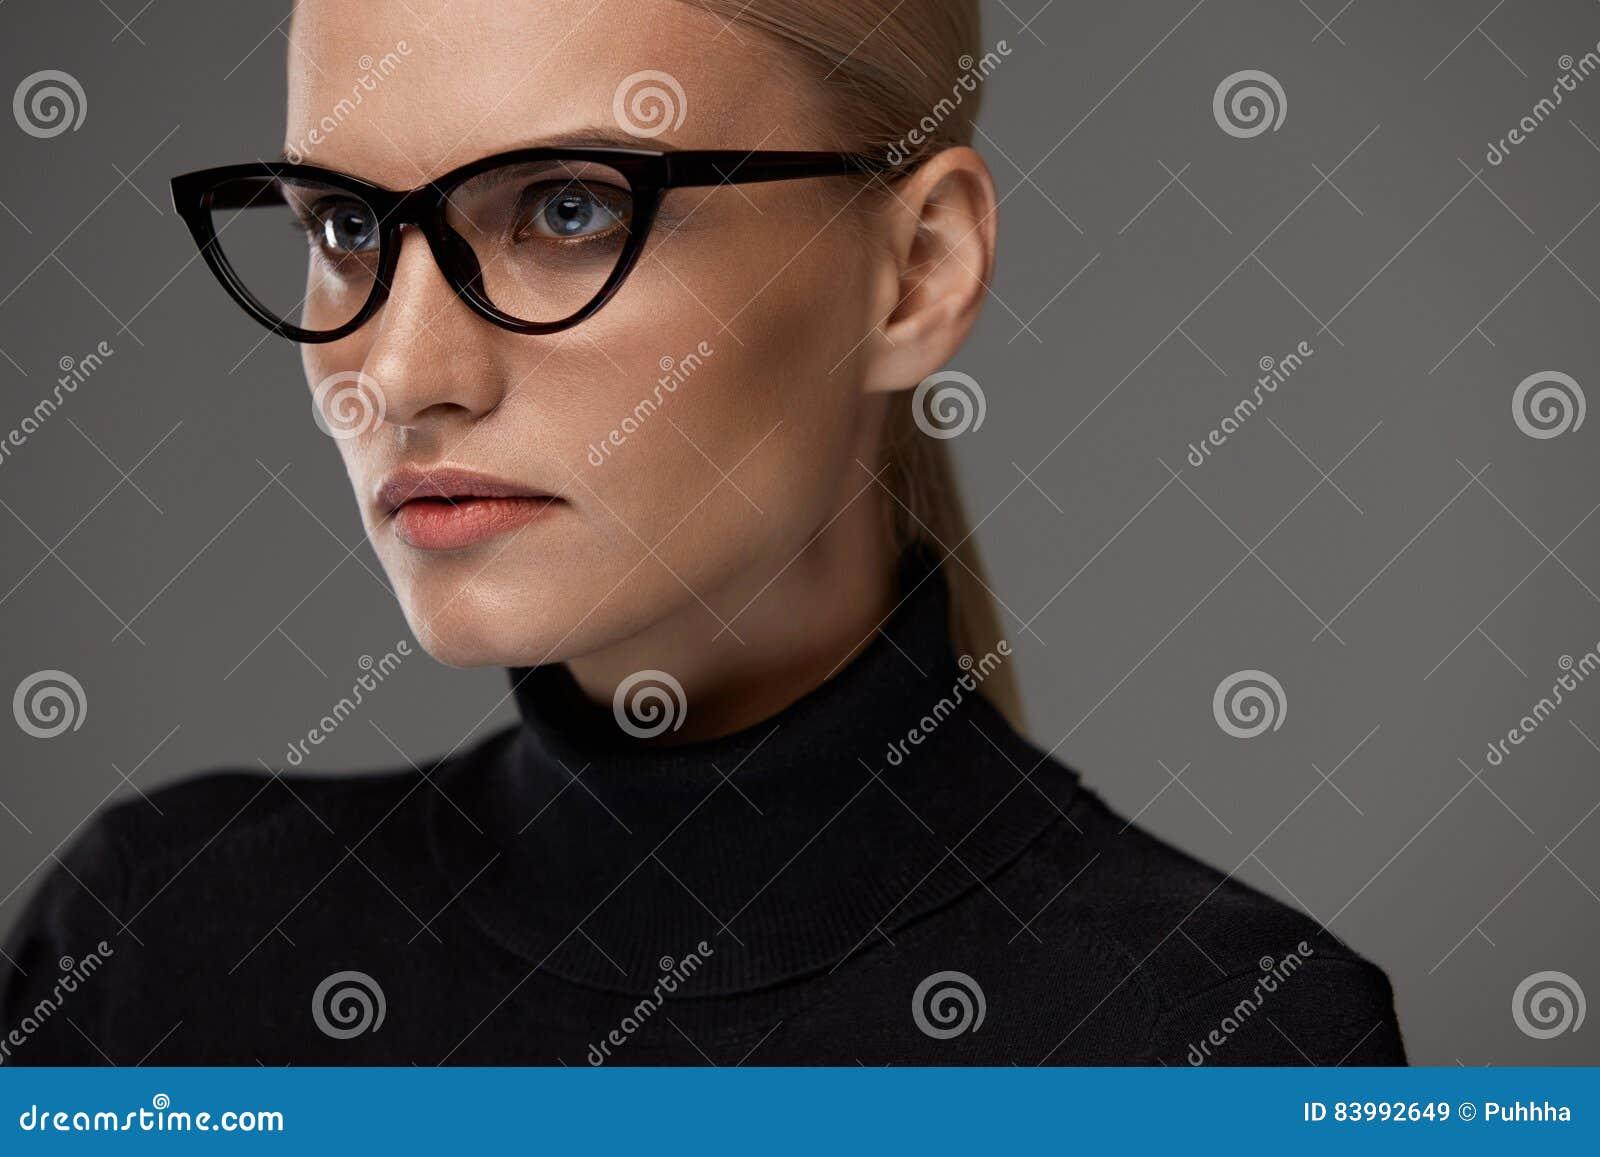 c512ffcabe Women Eyewear. Beautiful Woman In Glasses